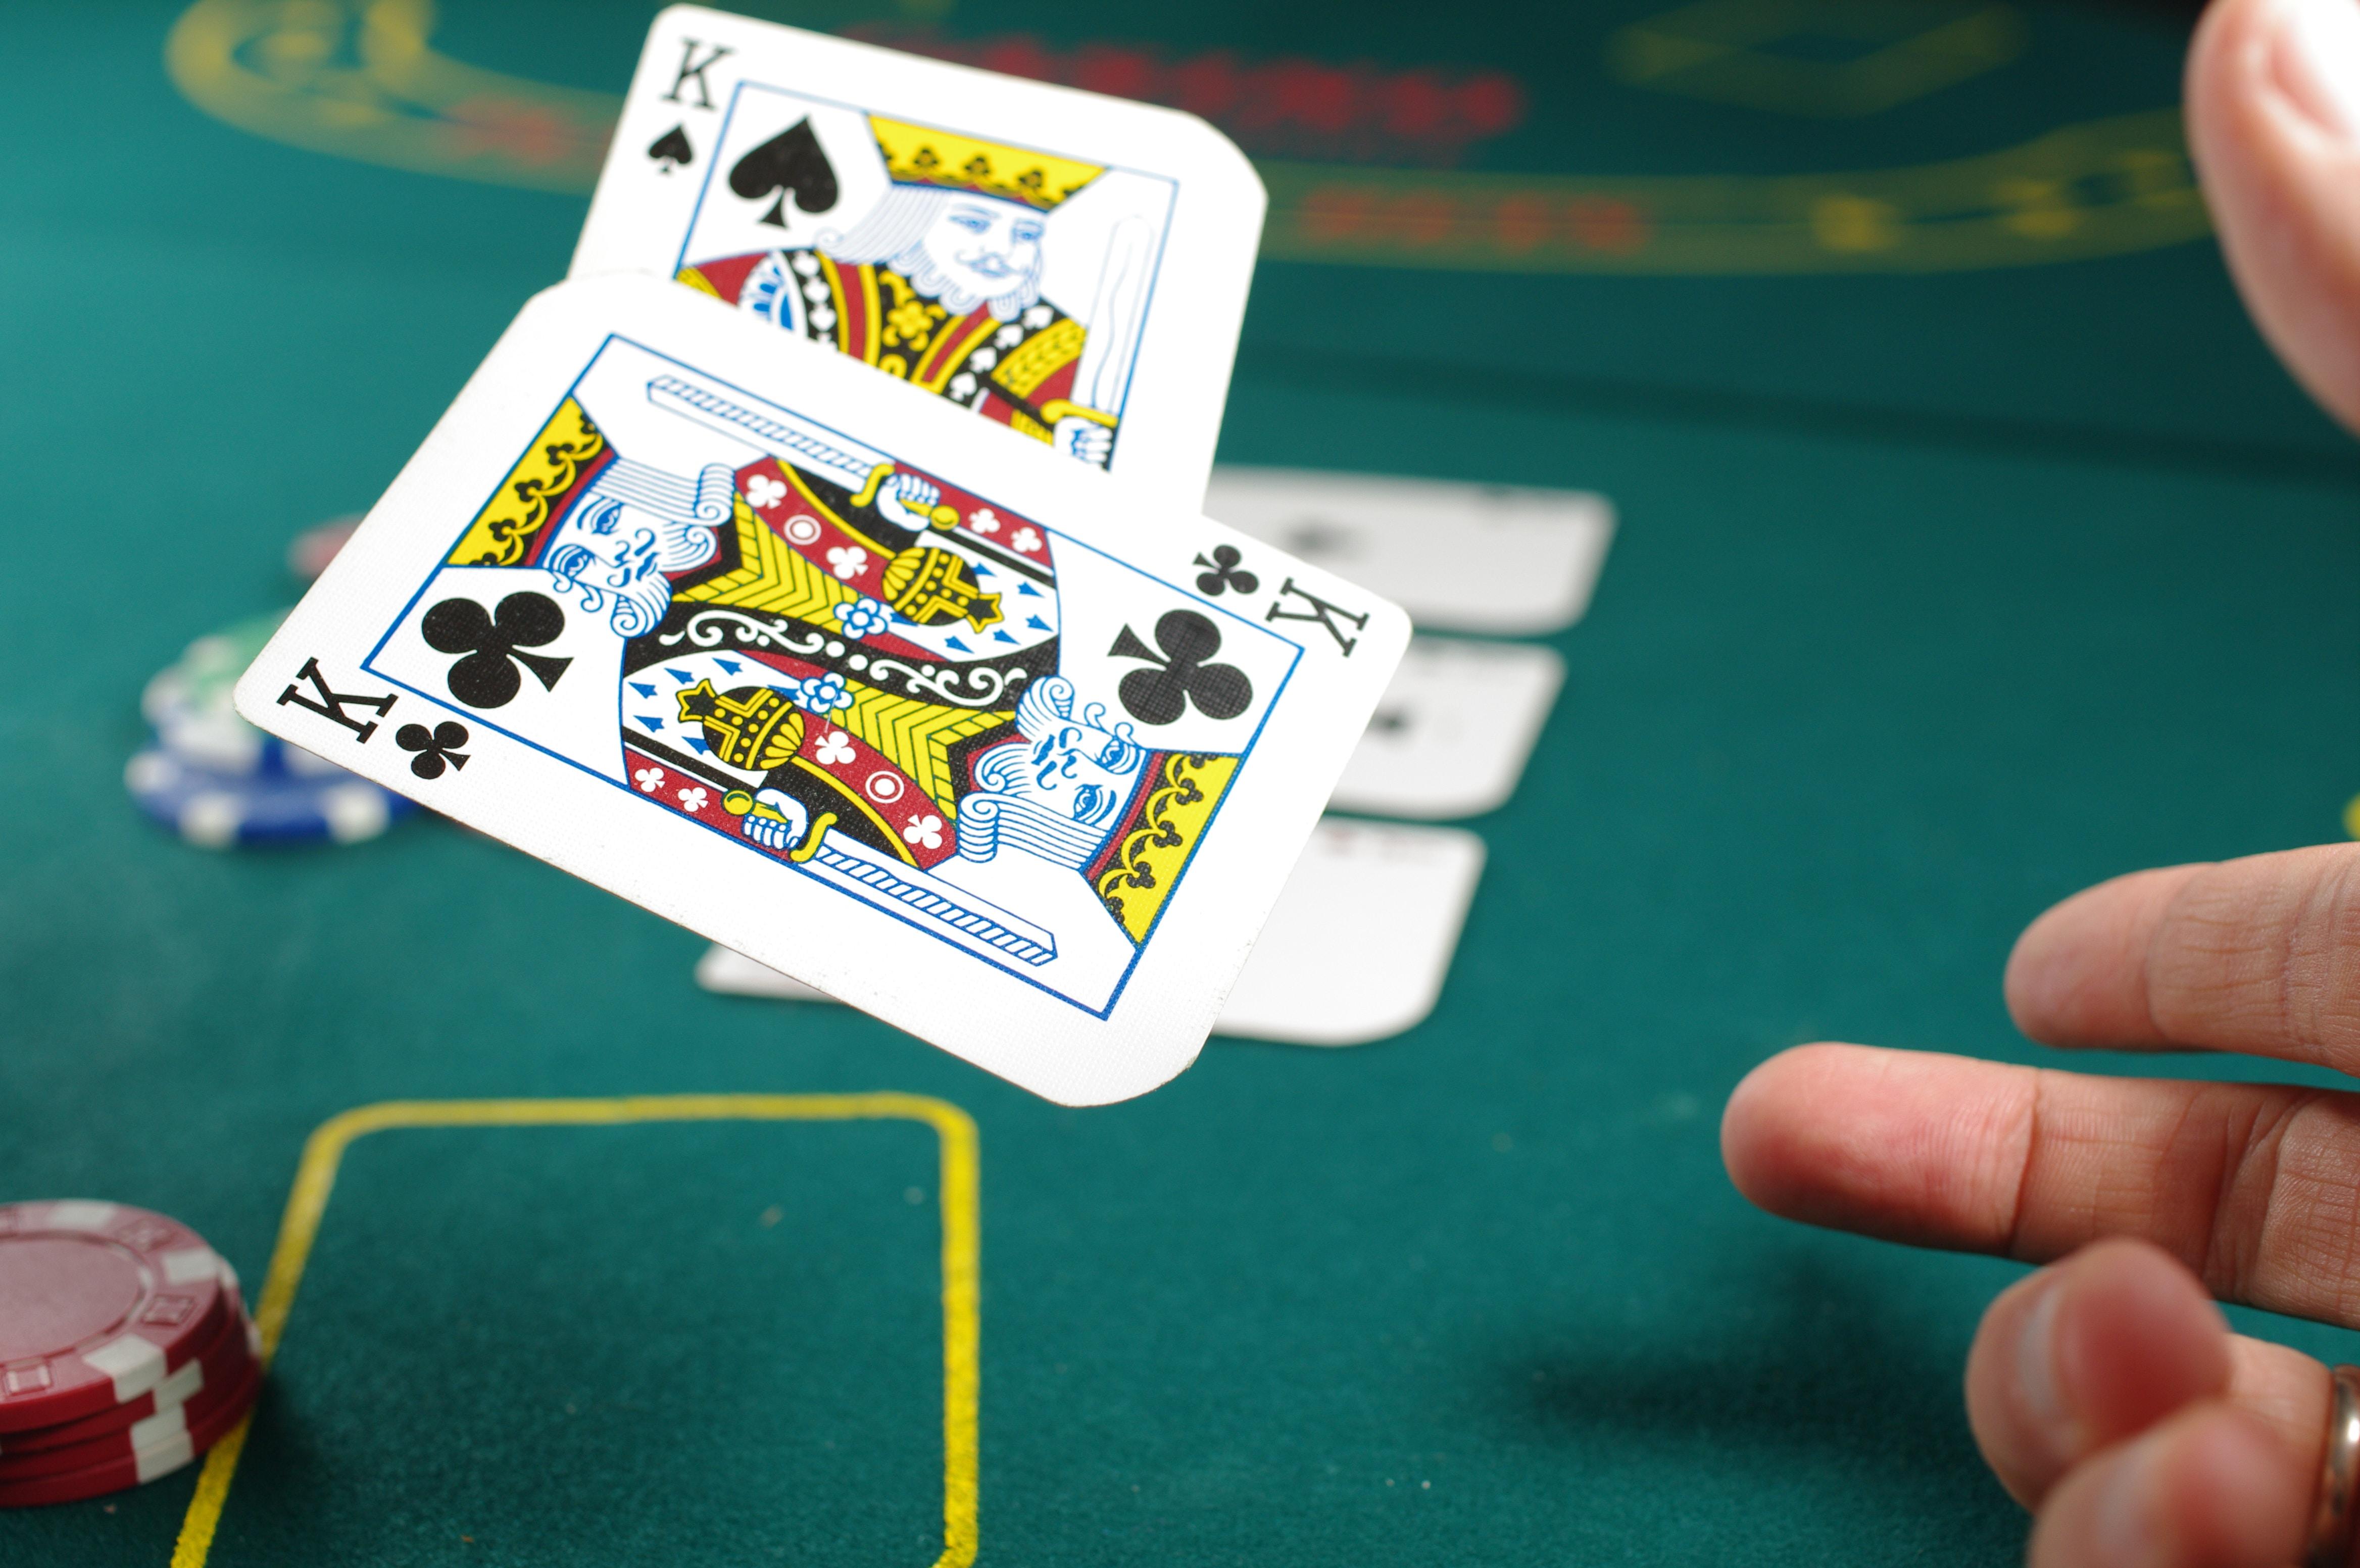 Esta máquina puede vencer a los mejores jugadores de póker del mundo